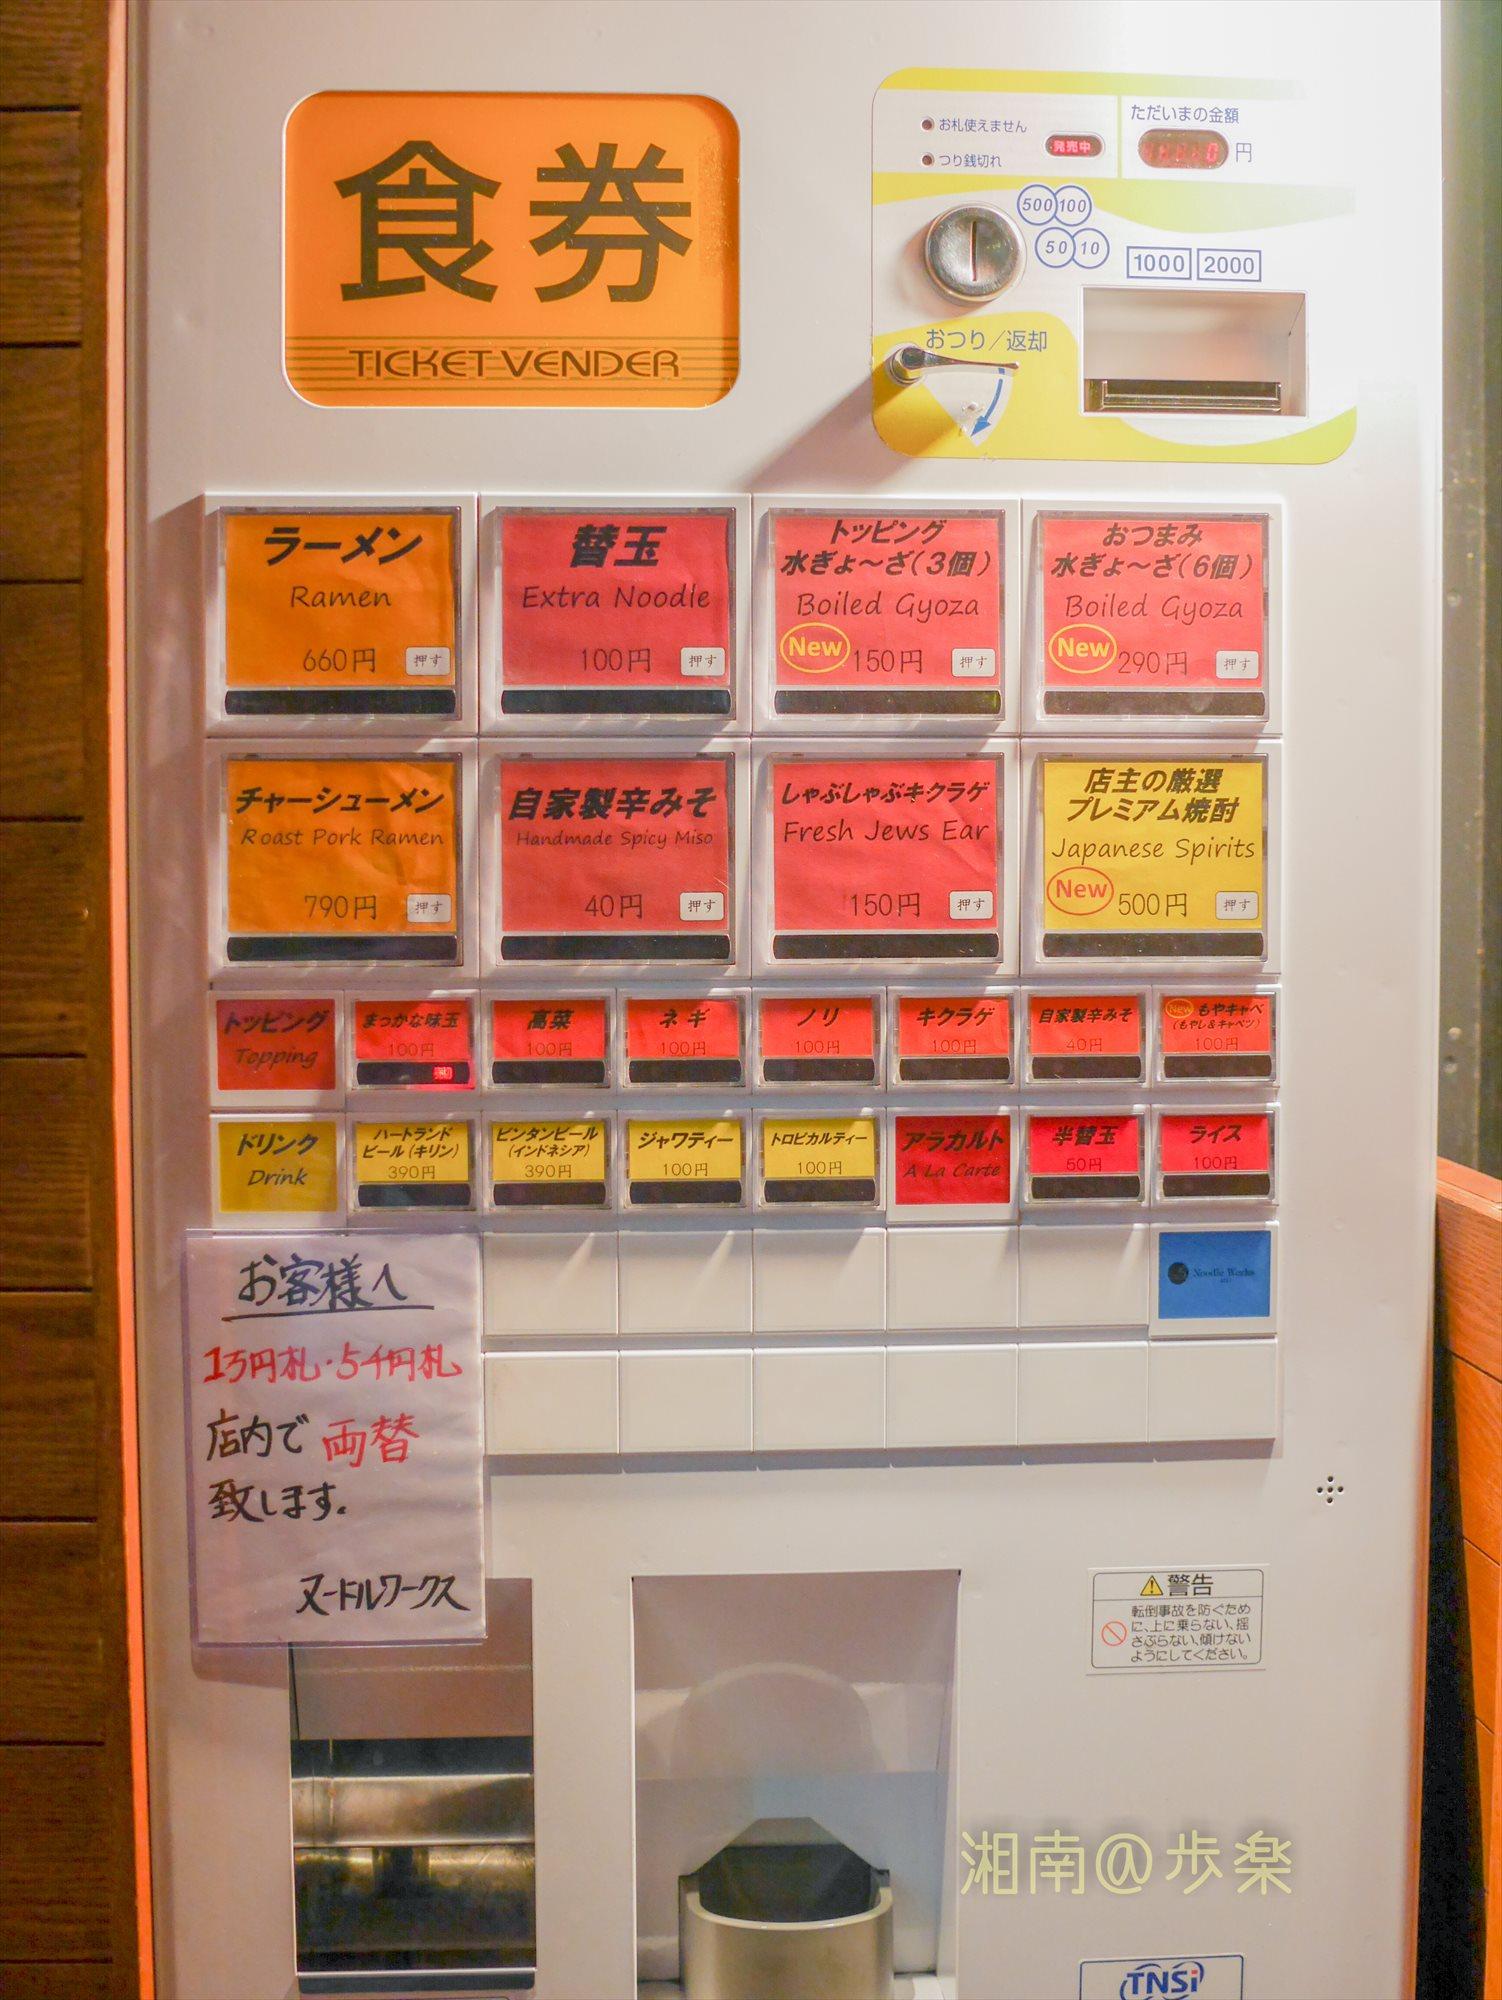 店ほどオシャレにはなっていない普通の券売機